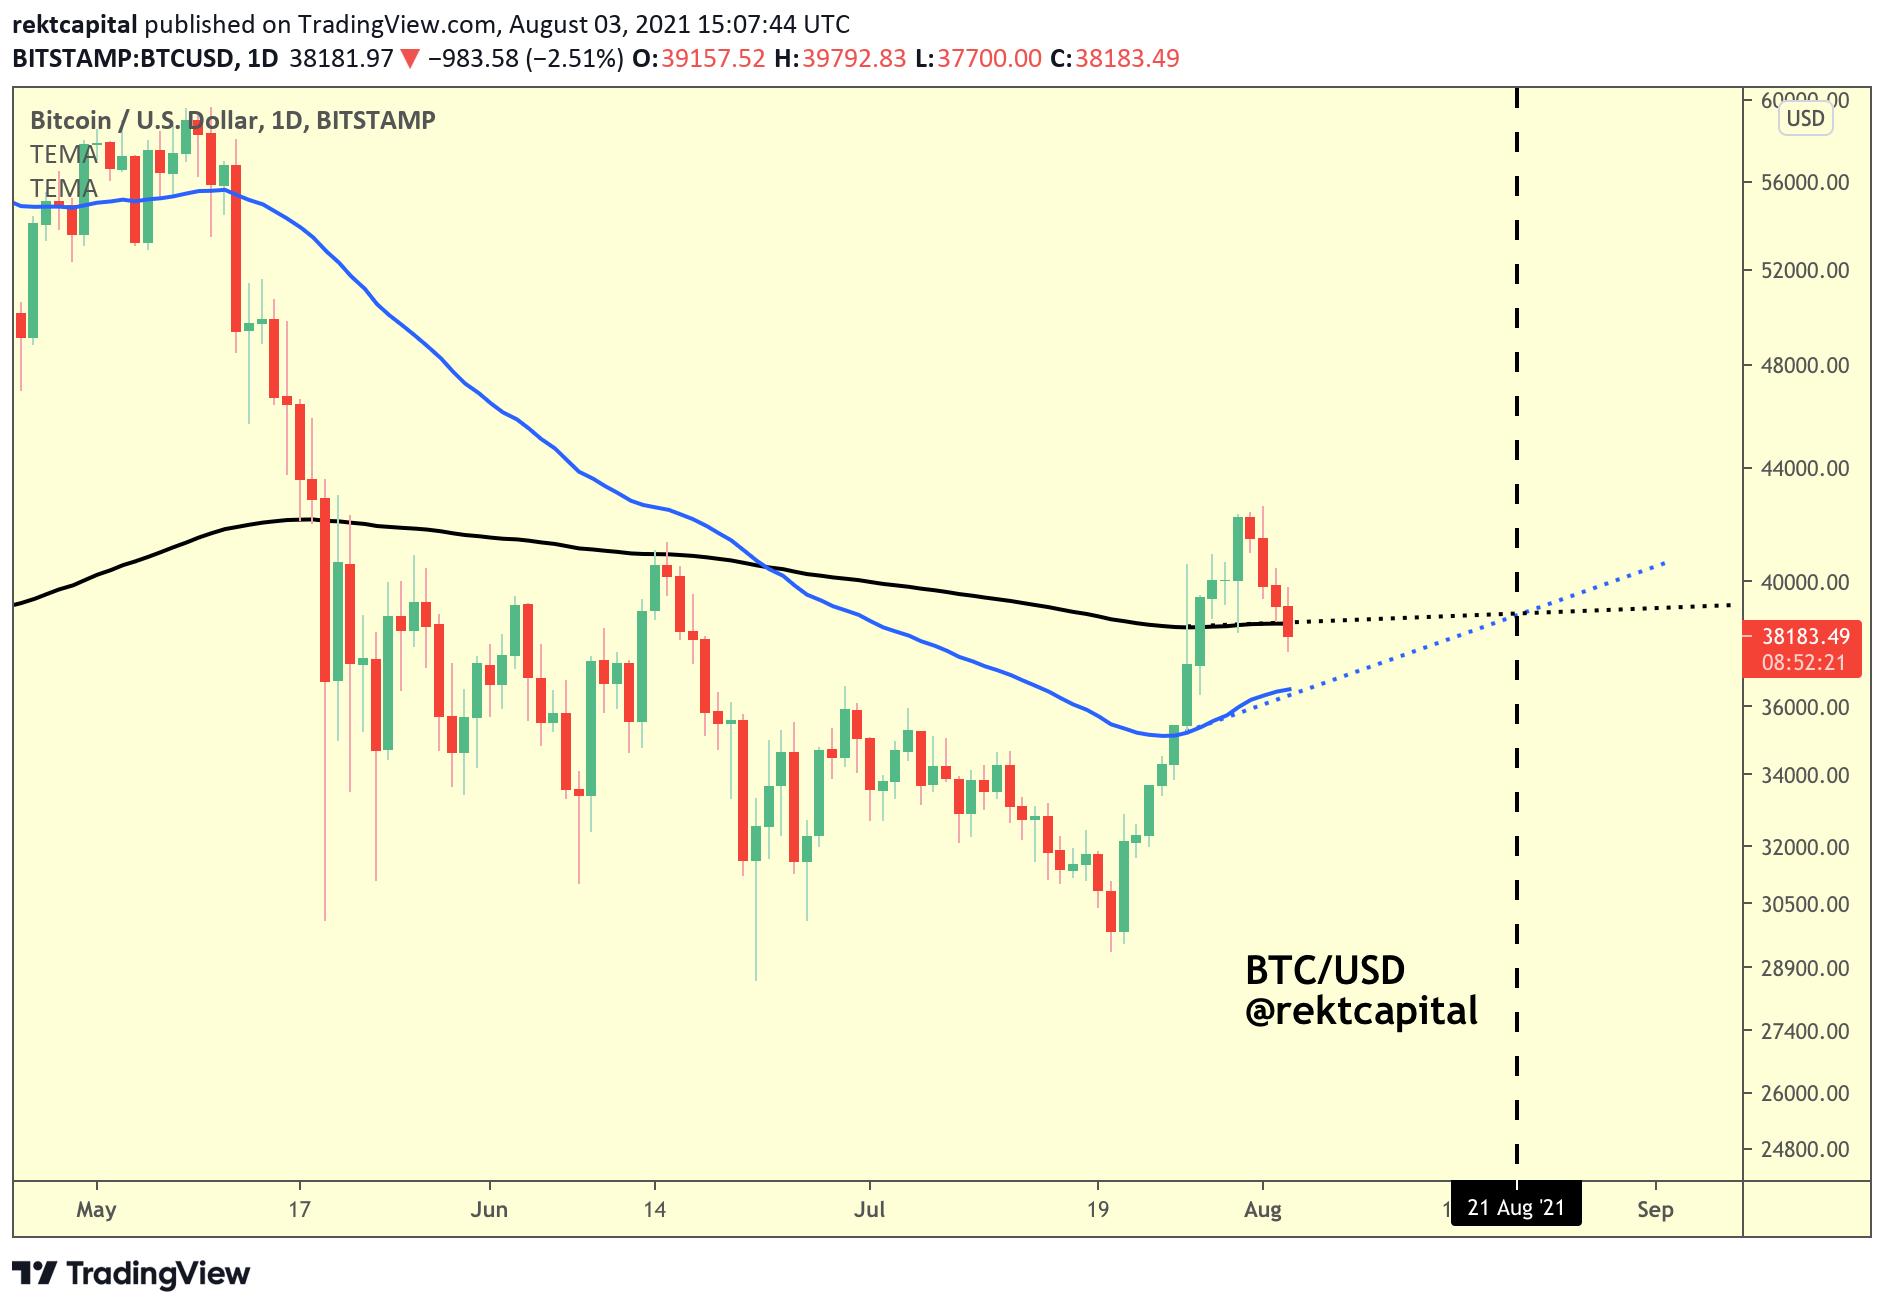 Grafico giornaliero di BTC/USD (Binance) con cross